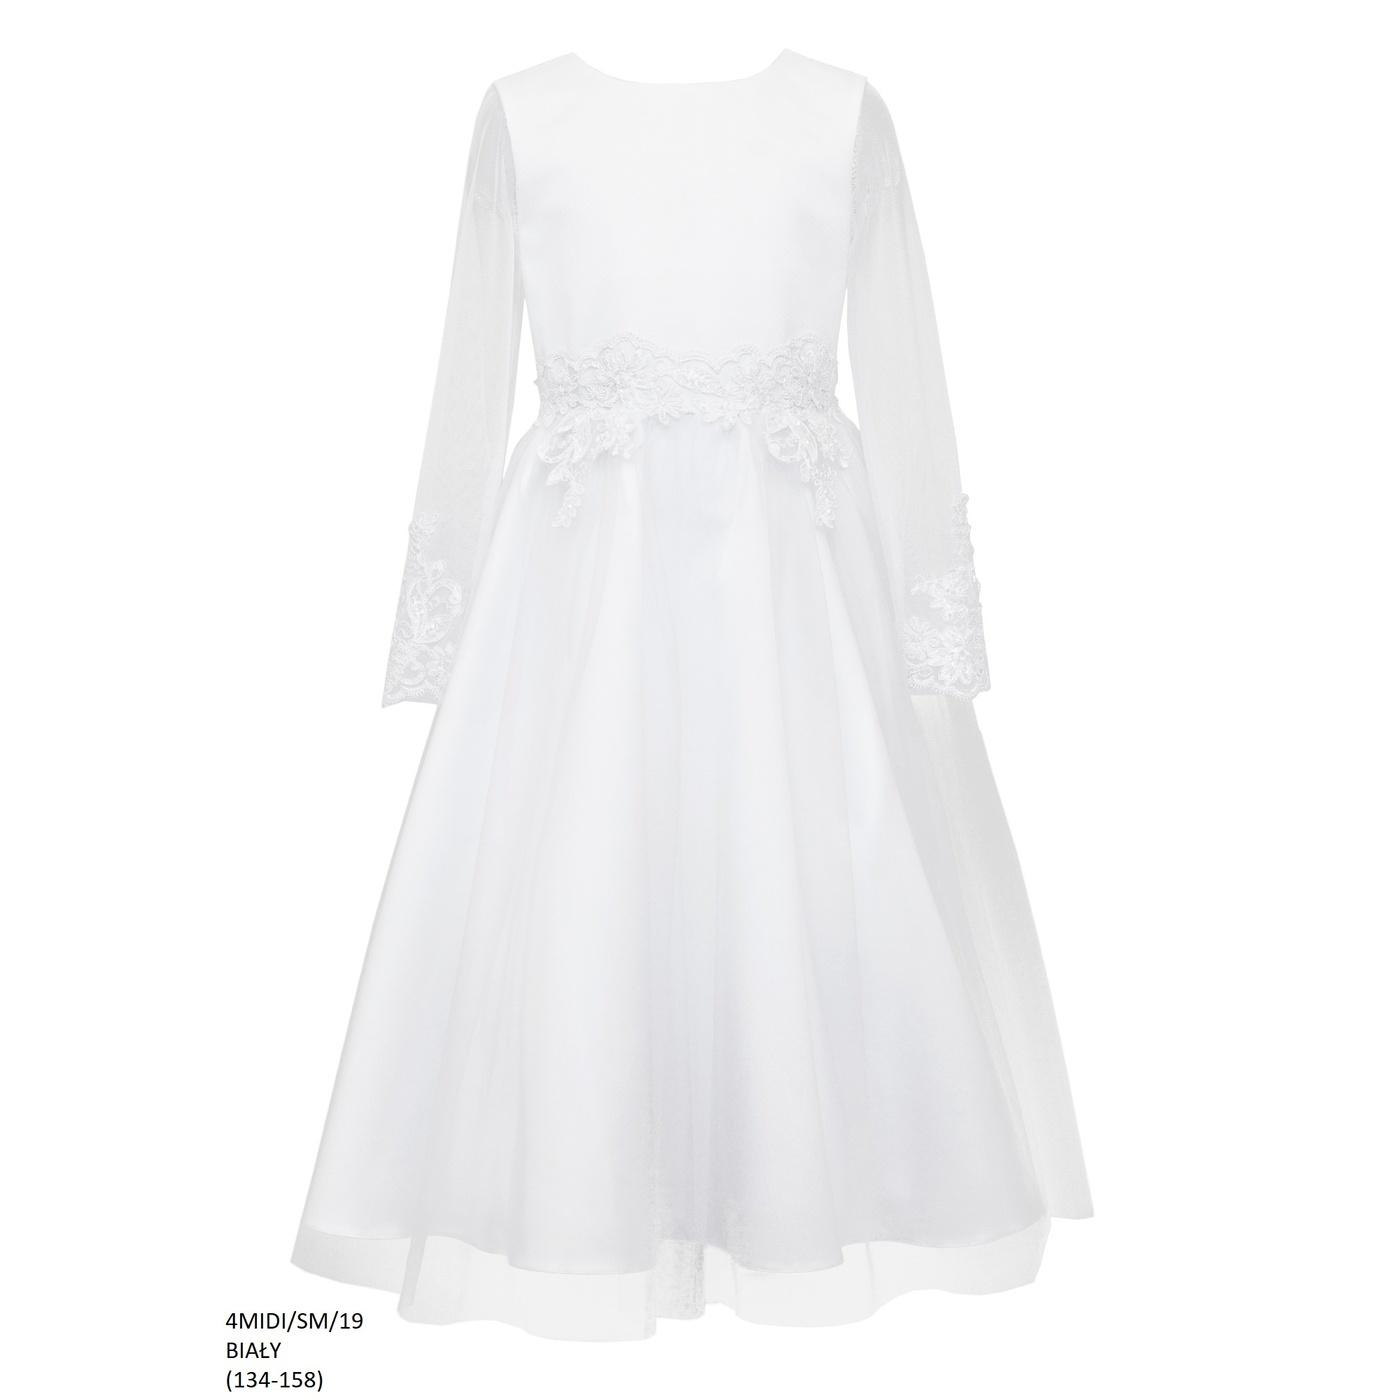 8f38698734 Biała sukienka dla dziewczynki 4 MIDI SM 19